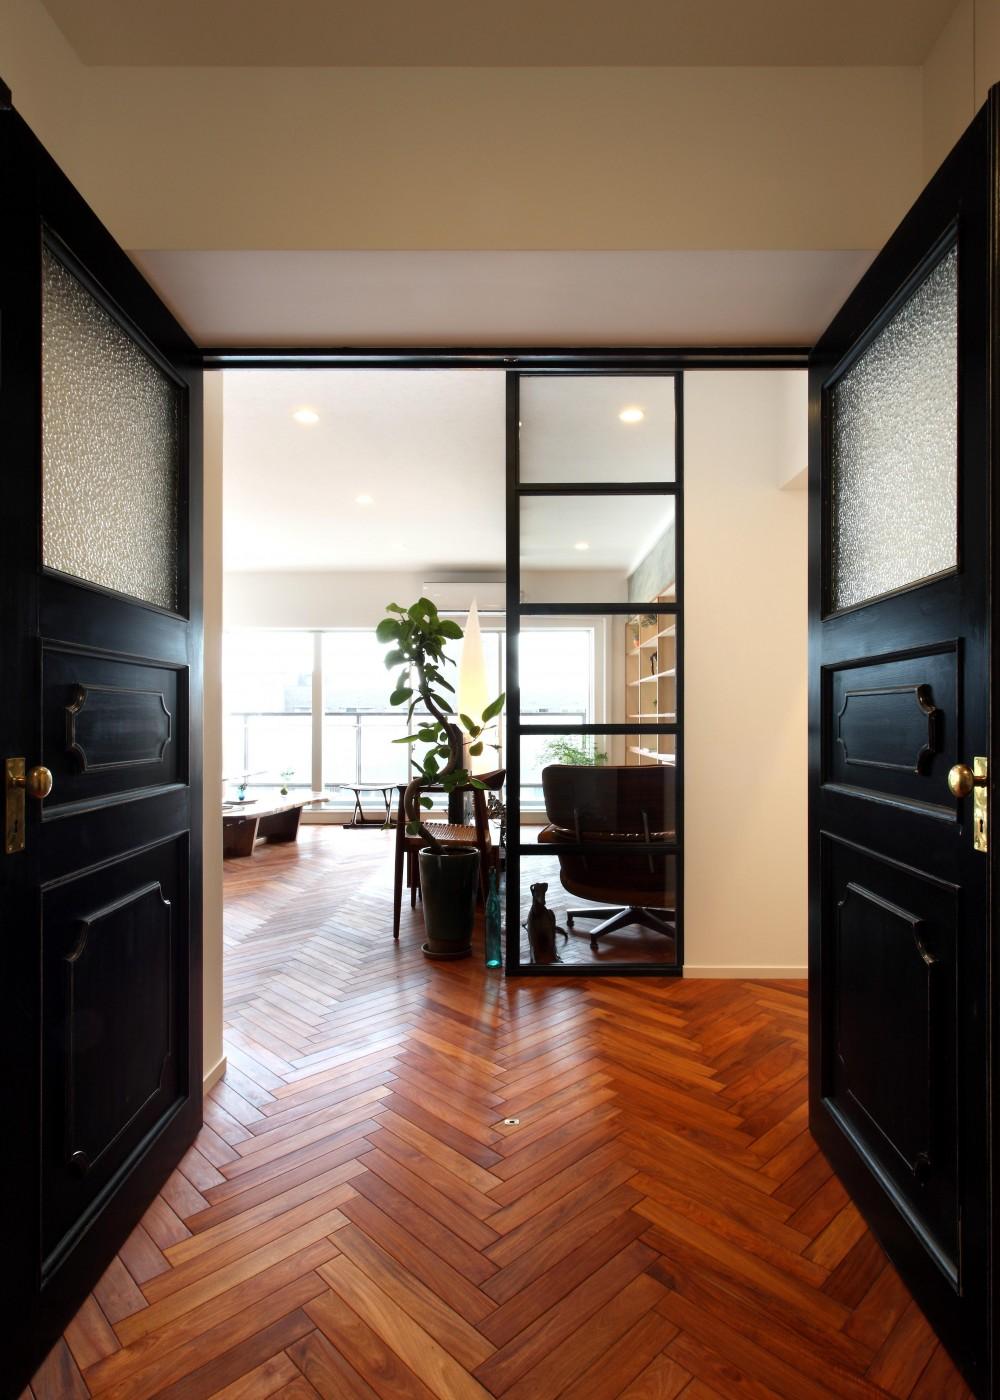 ヴィンテージマンション×リノベーションで理想の住まいを実現 (廊下)